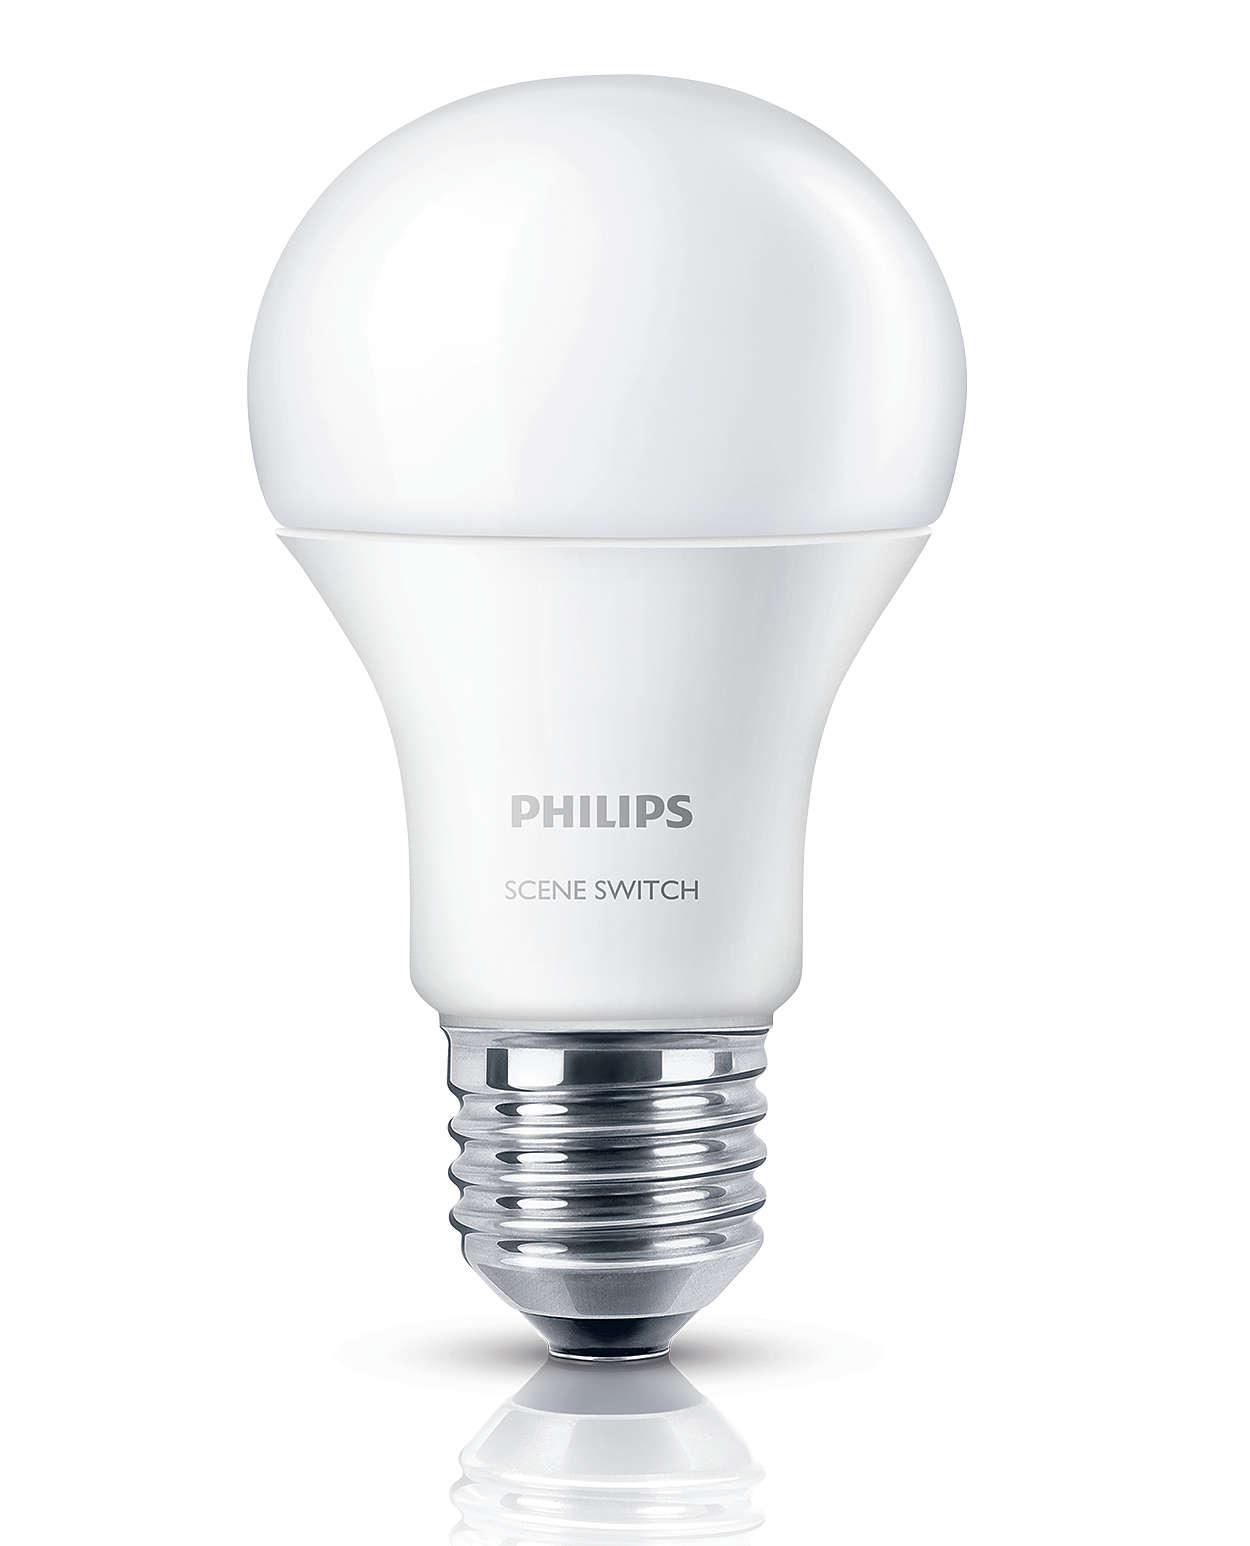 無需更換燈泡便可變換燈泡設置